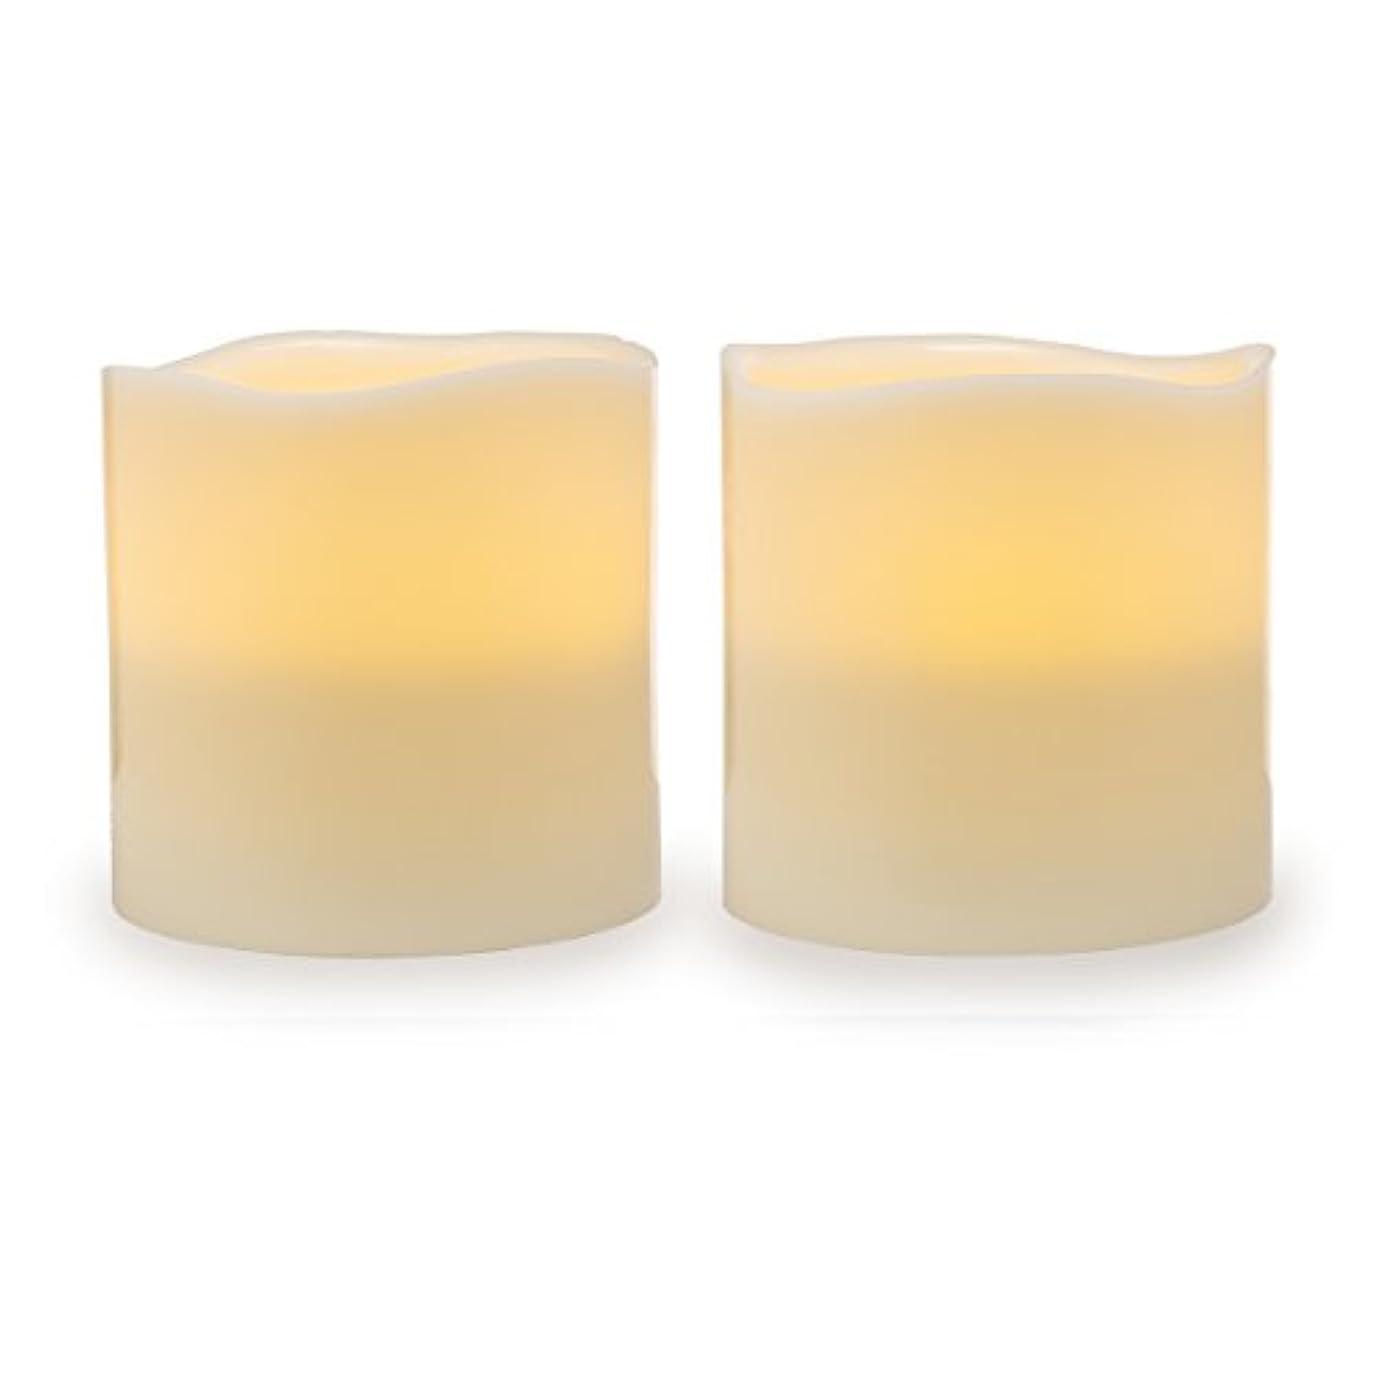 ラフ睡眠山岳言い聞かせるDarice電池式LED Pillar Candleセット、2ピース